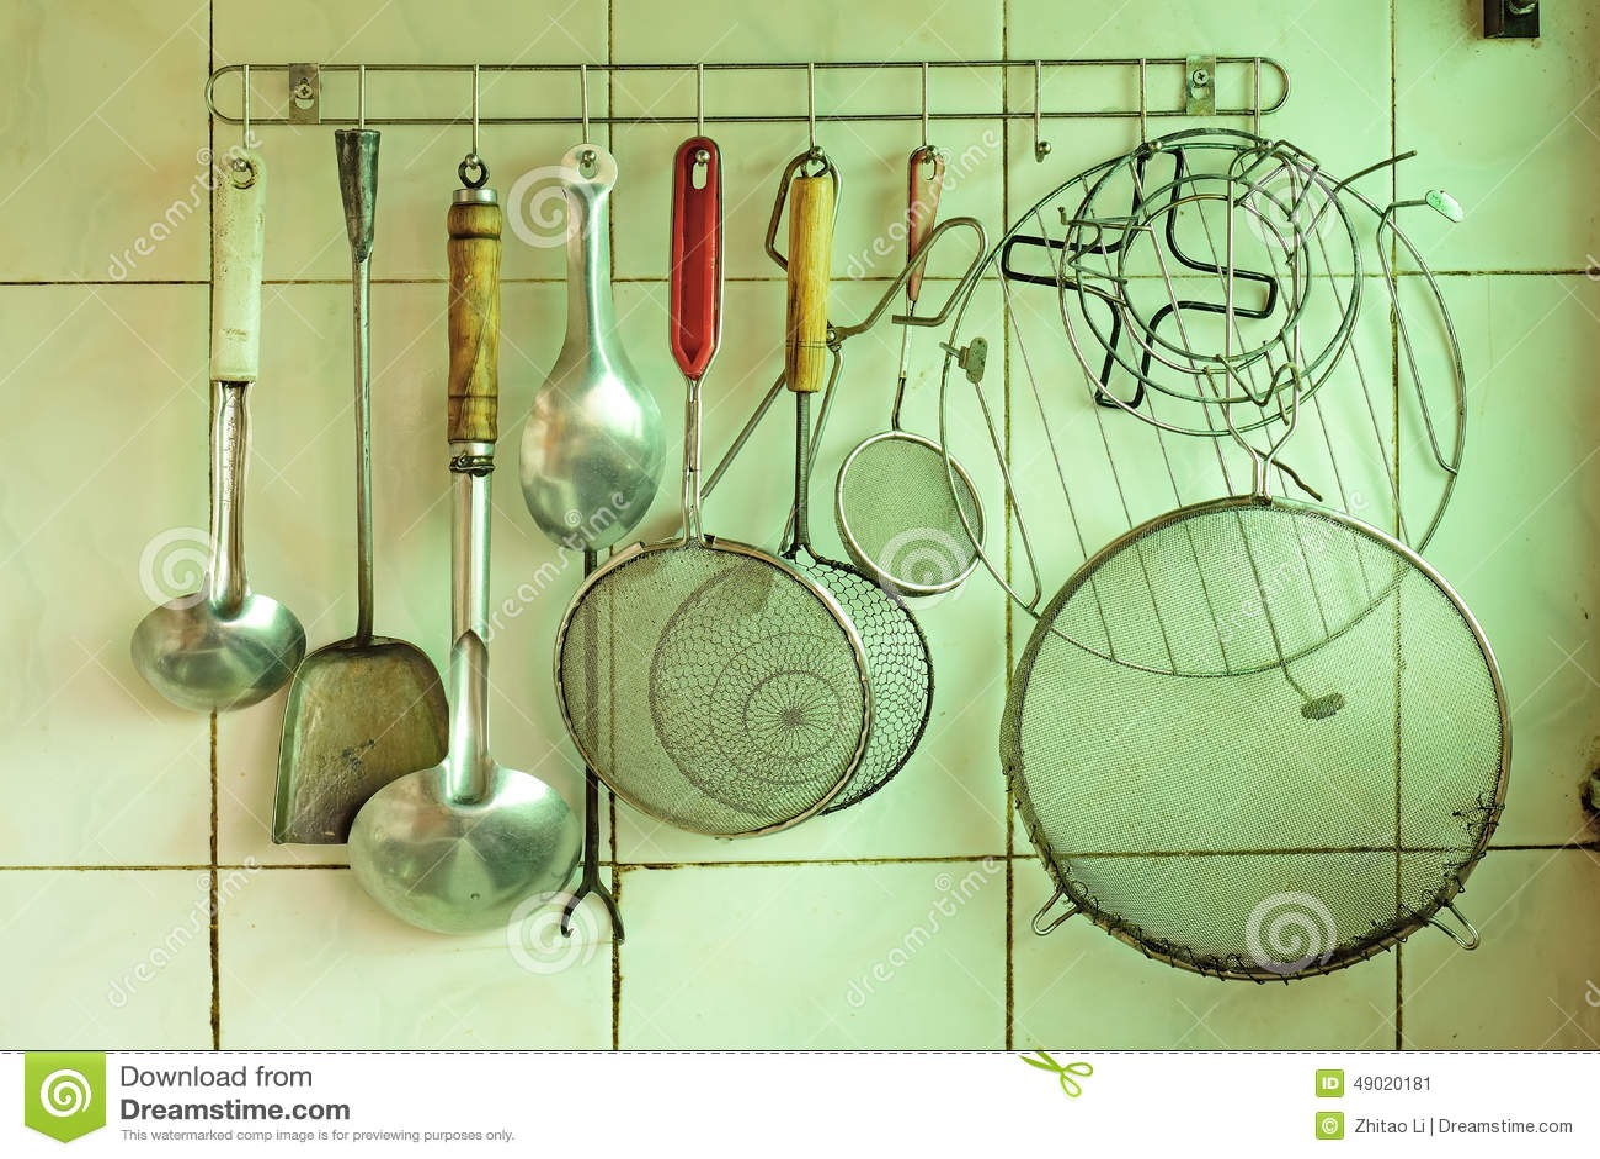 Ferramentas da cozinha